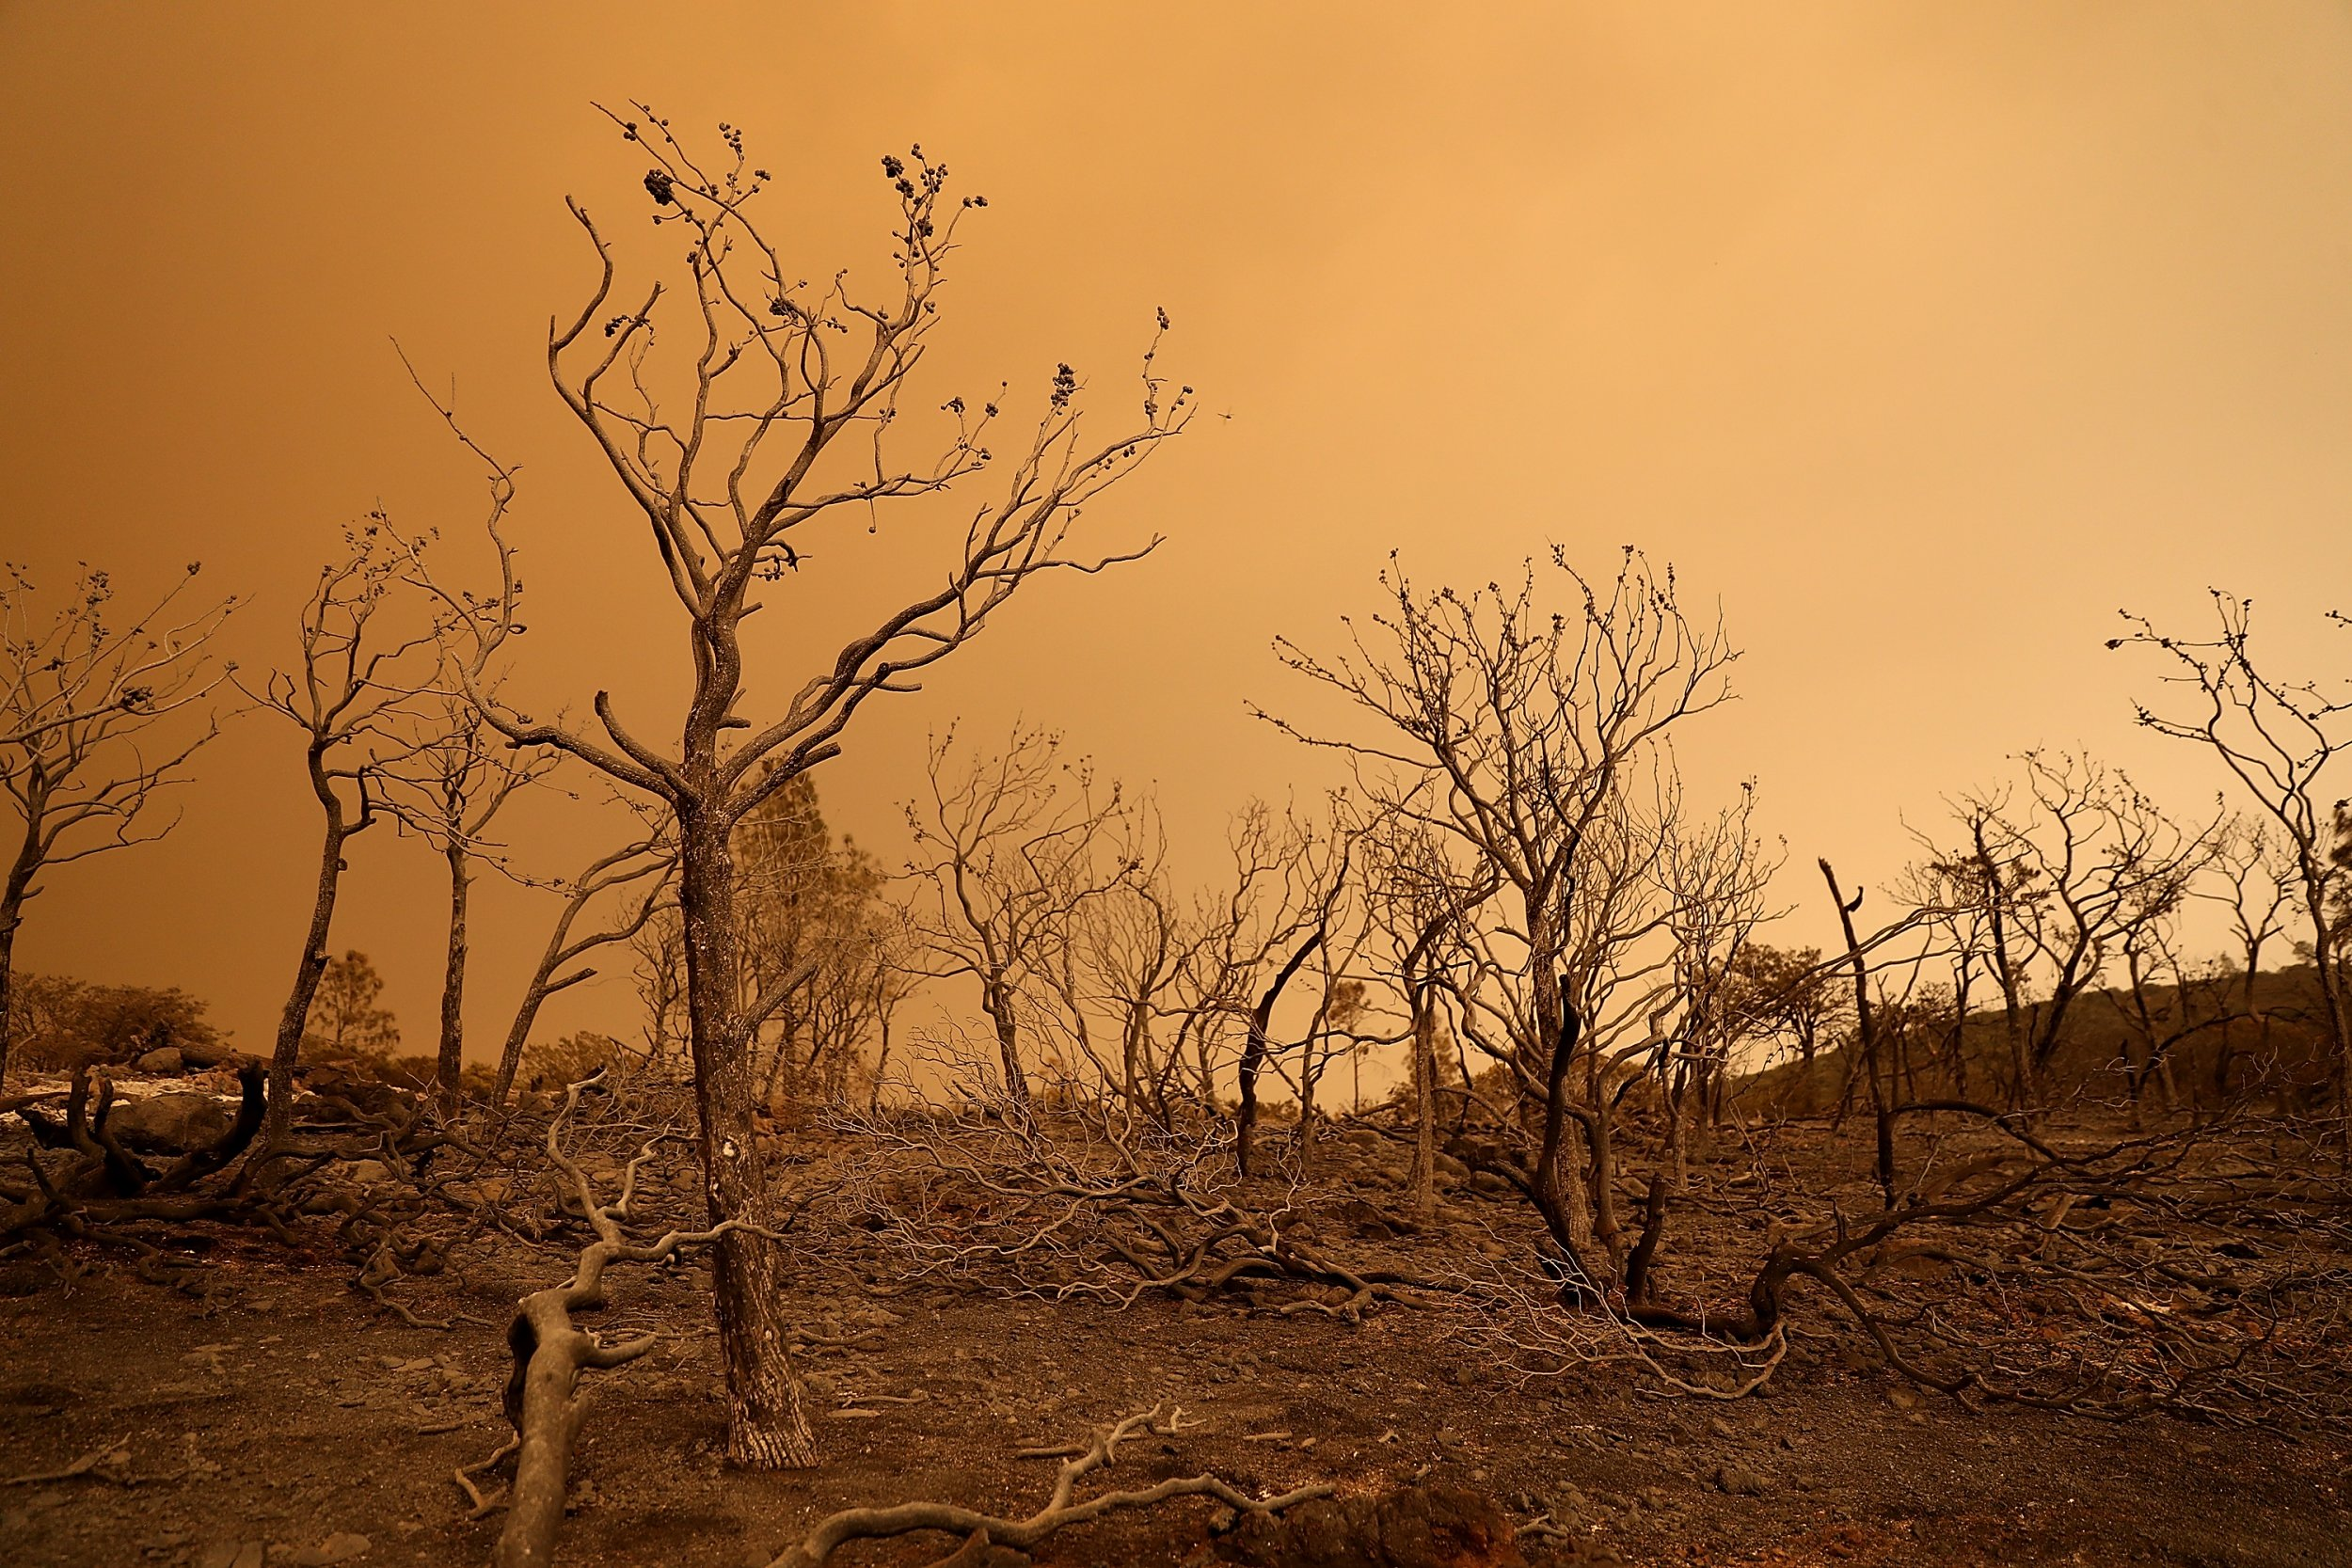 mendocino complex fire